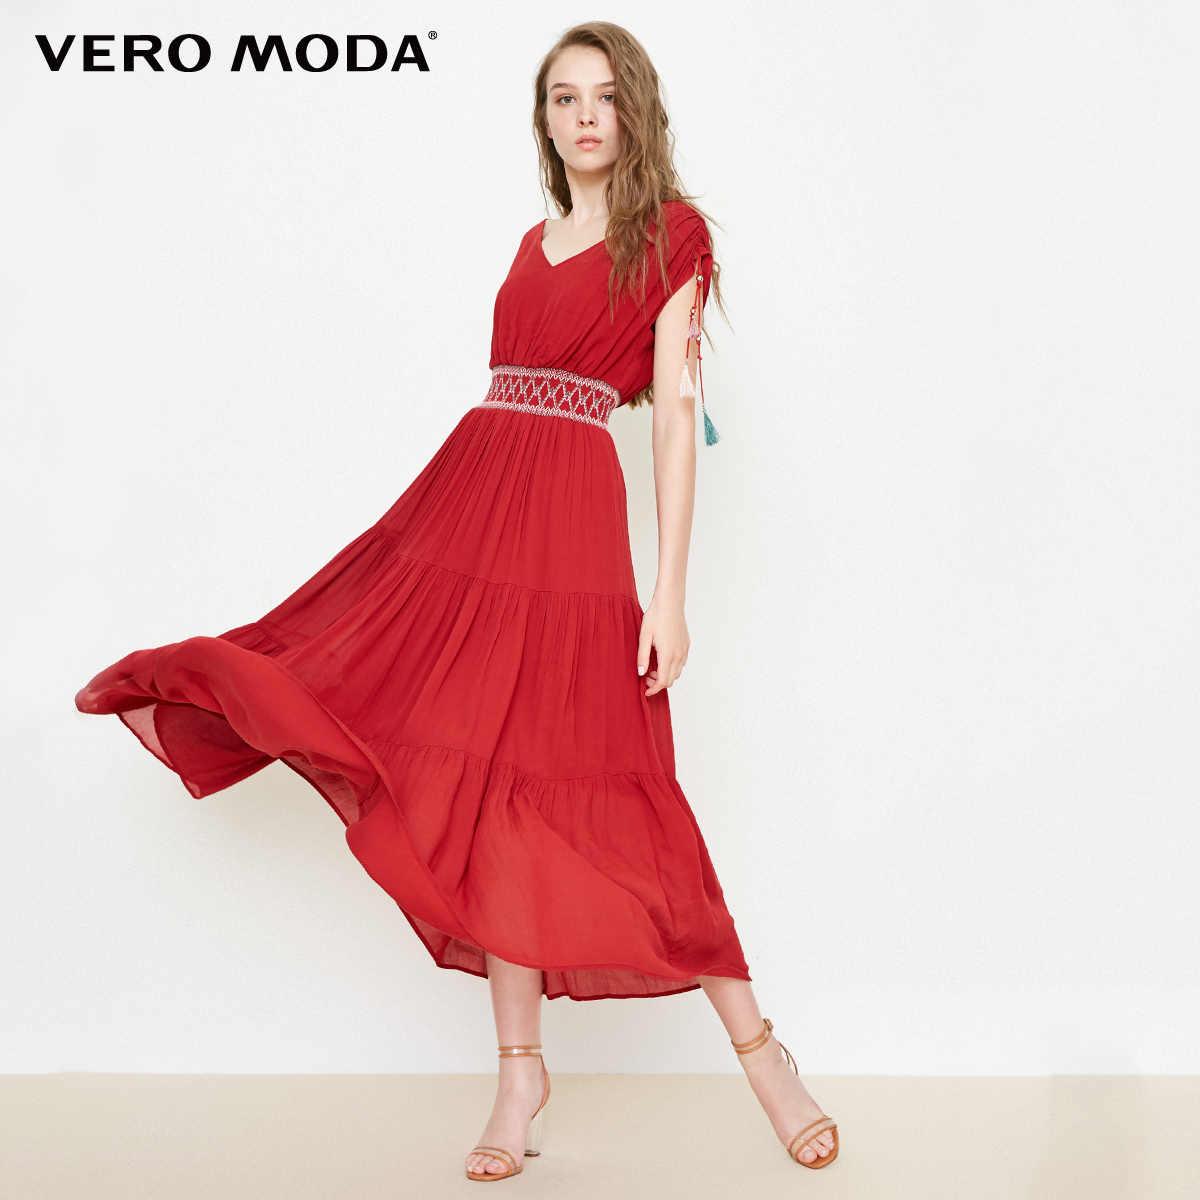 Vero Moda boho Стиль с v-образным вырезом Макси/длинное летнее пляжное платье 2019 | 31827A575